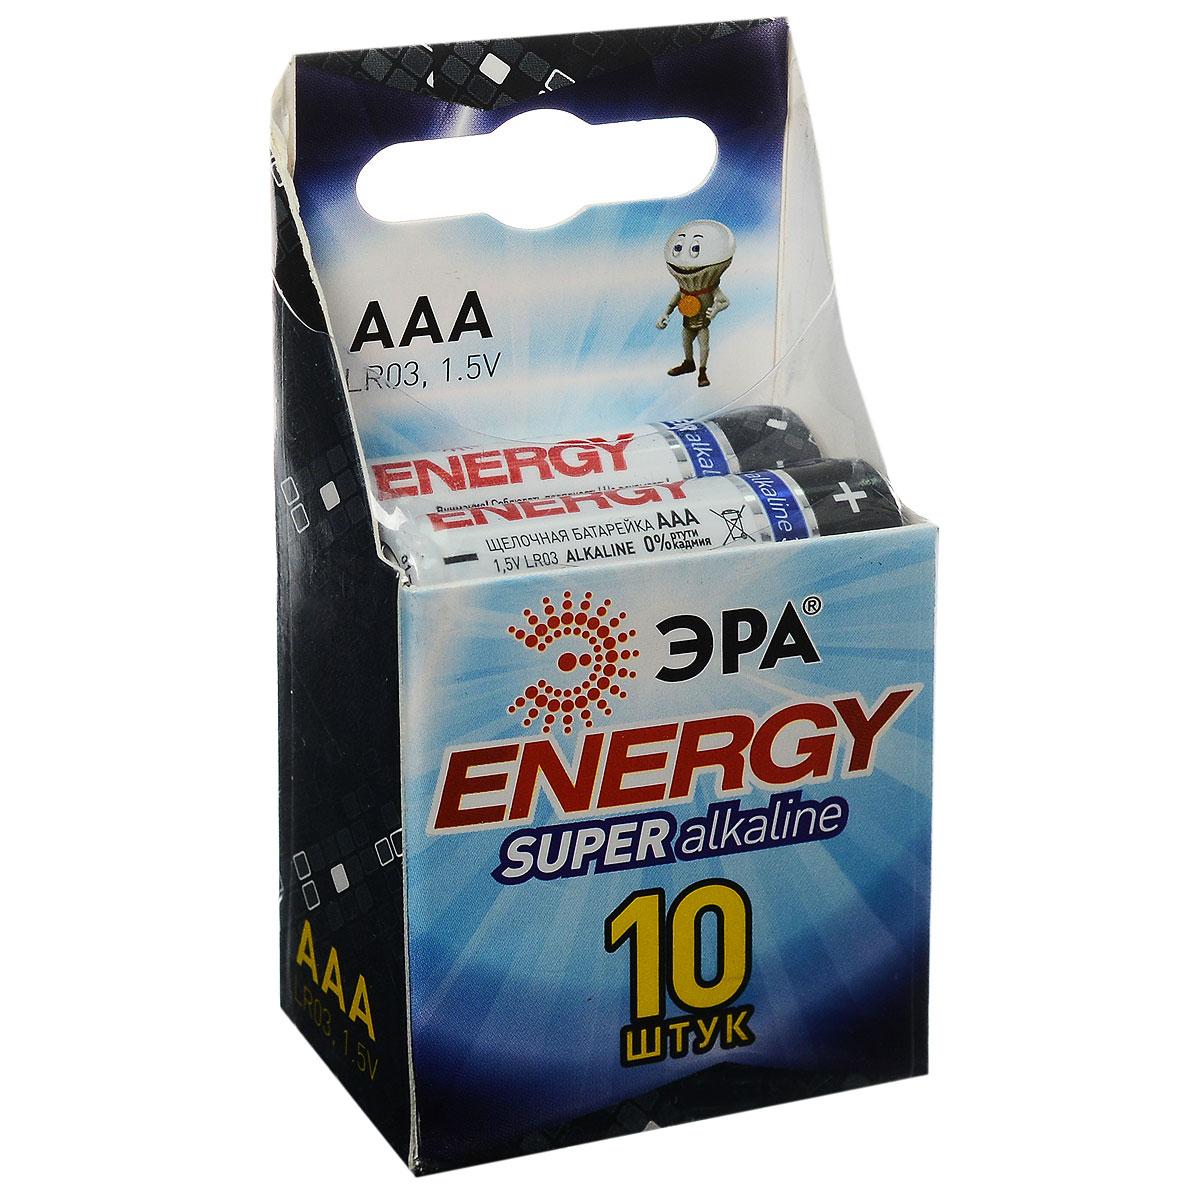 Батарейка алкалиновая ЭРА Energy, тип AAA (LR03), 1,5В, 10 штLR03.10Щелочные (алкалиновые) батарейки ЭРА Energy оптимально подходят для повседневного питания множества современных бытовых приборов: электронных игрушек, фонарей, беспроводной компьютерной периферии и многого другого. Не содержат кадмия и ртути. Батарейки созданы для устройств со средним и высоким потреблением энергии. Работают в 10 раз дольше, чем обычные солевые элементы питания. Размер батарейки: 1 см х 4,1 см.